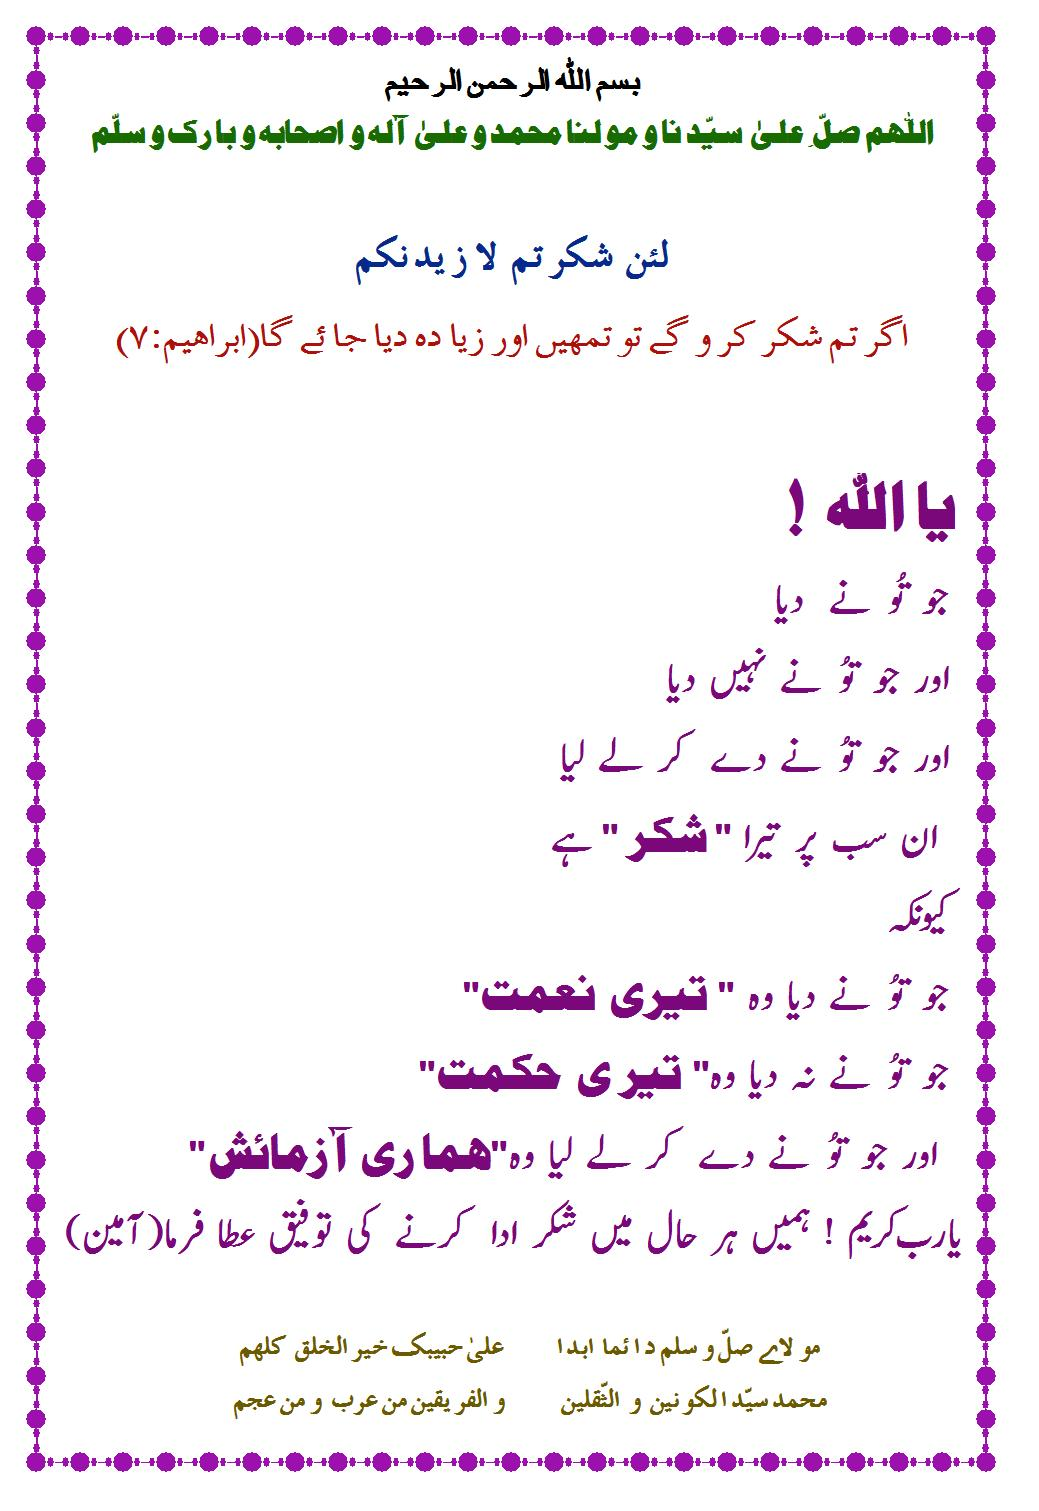 Ya Allah Ya Muhammad Ya allah   tera shukar haiYa Allah Ya Muhammad Ya Ali Wallpapers